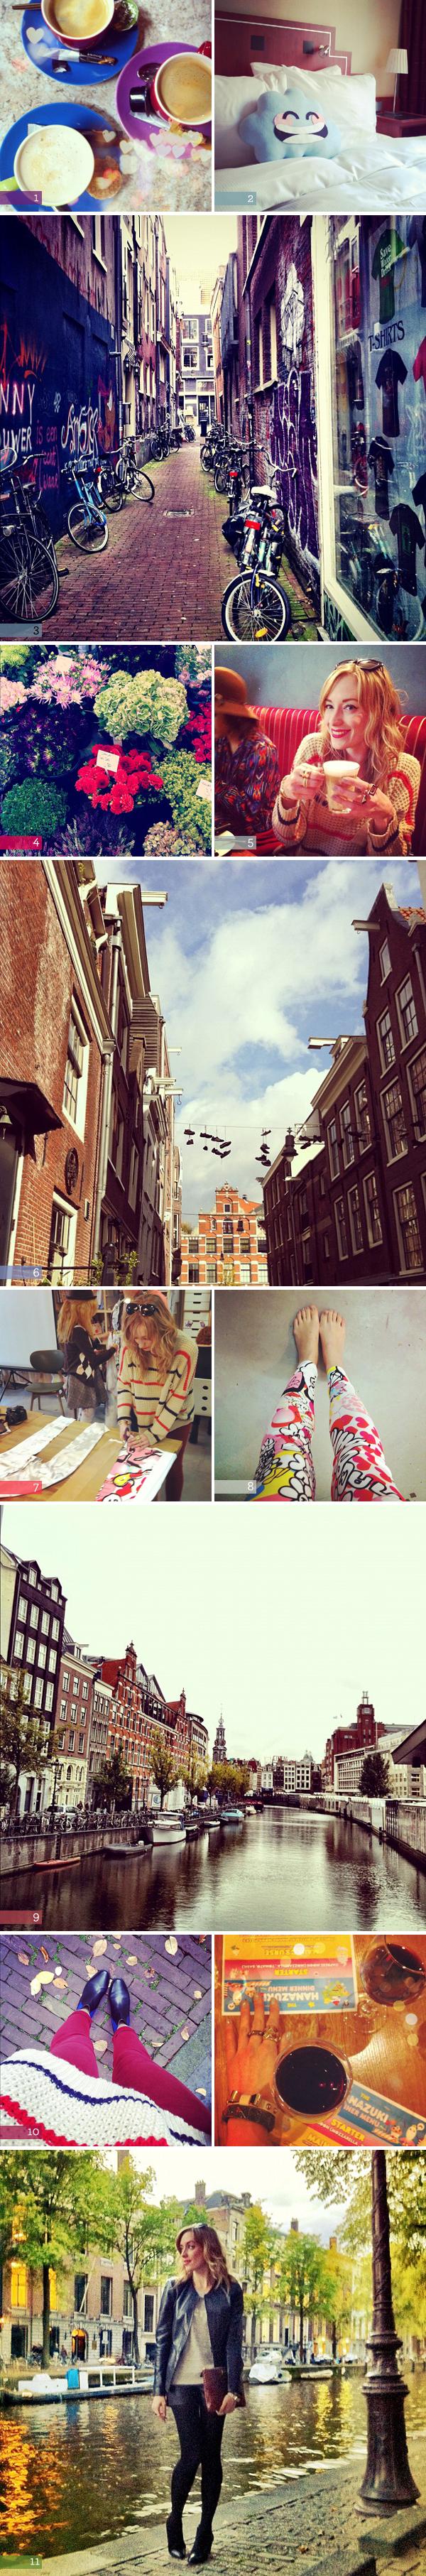 2012-10-09-Instagram-eatsleepwear